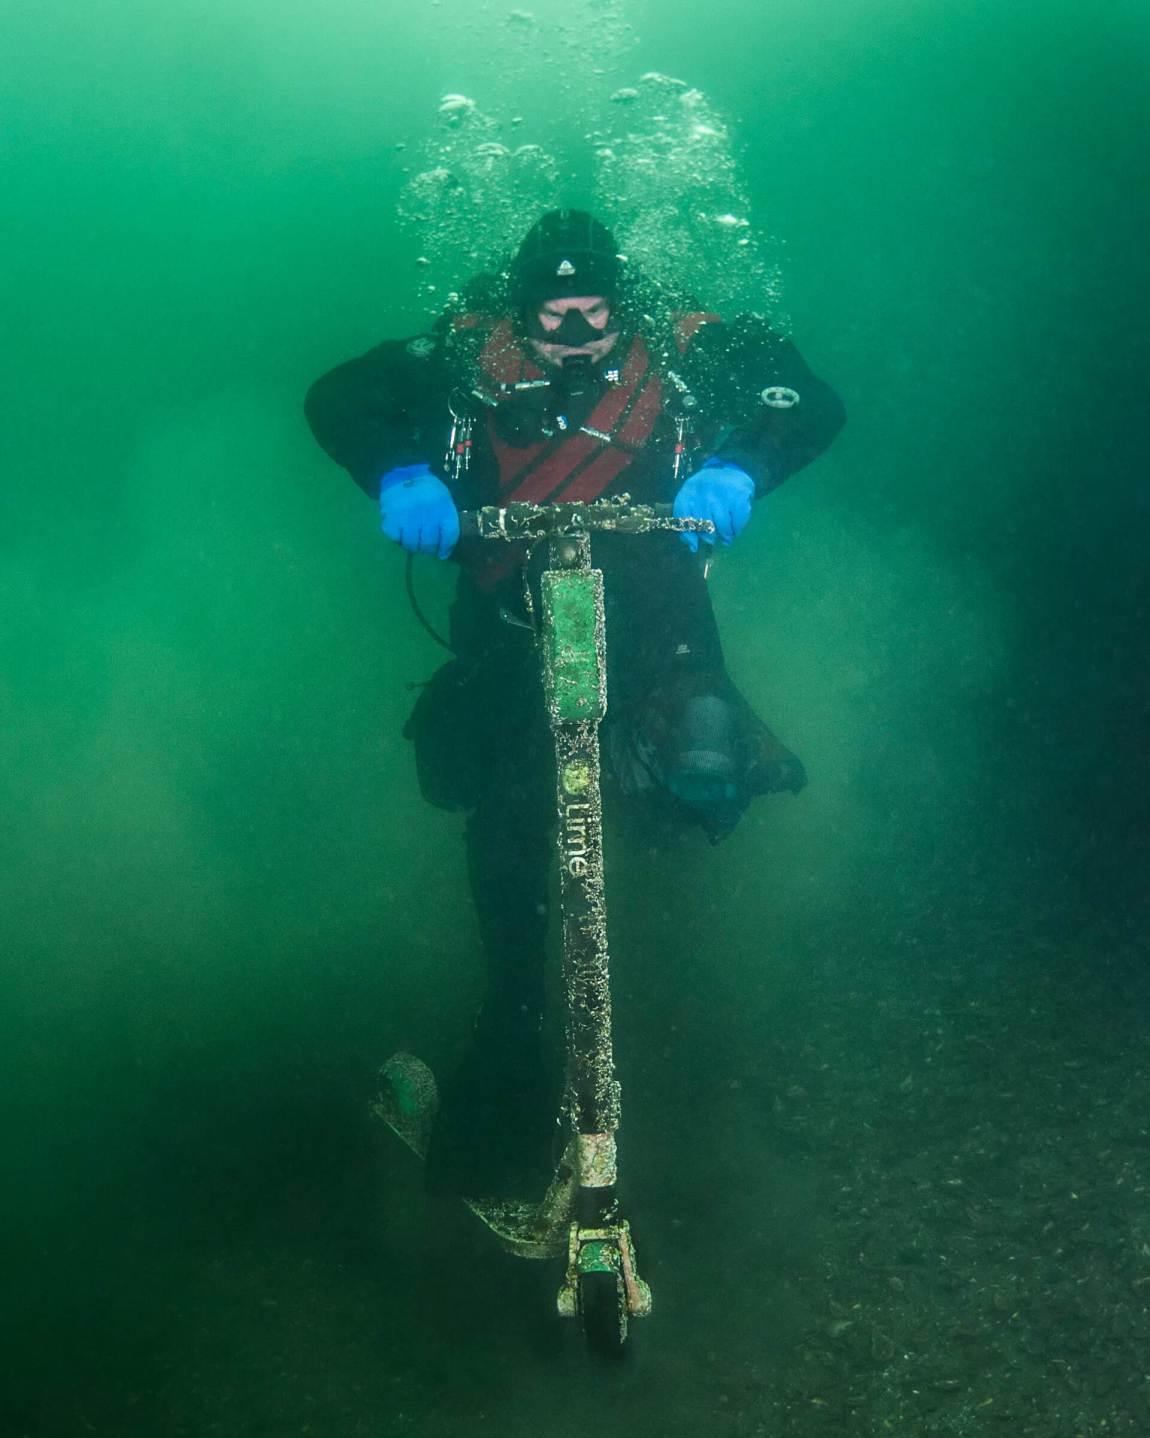 Bildet viser ein dykkar som later som om han kjører på ein elsparkesykkel under vatn.